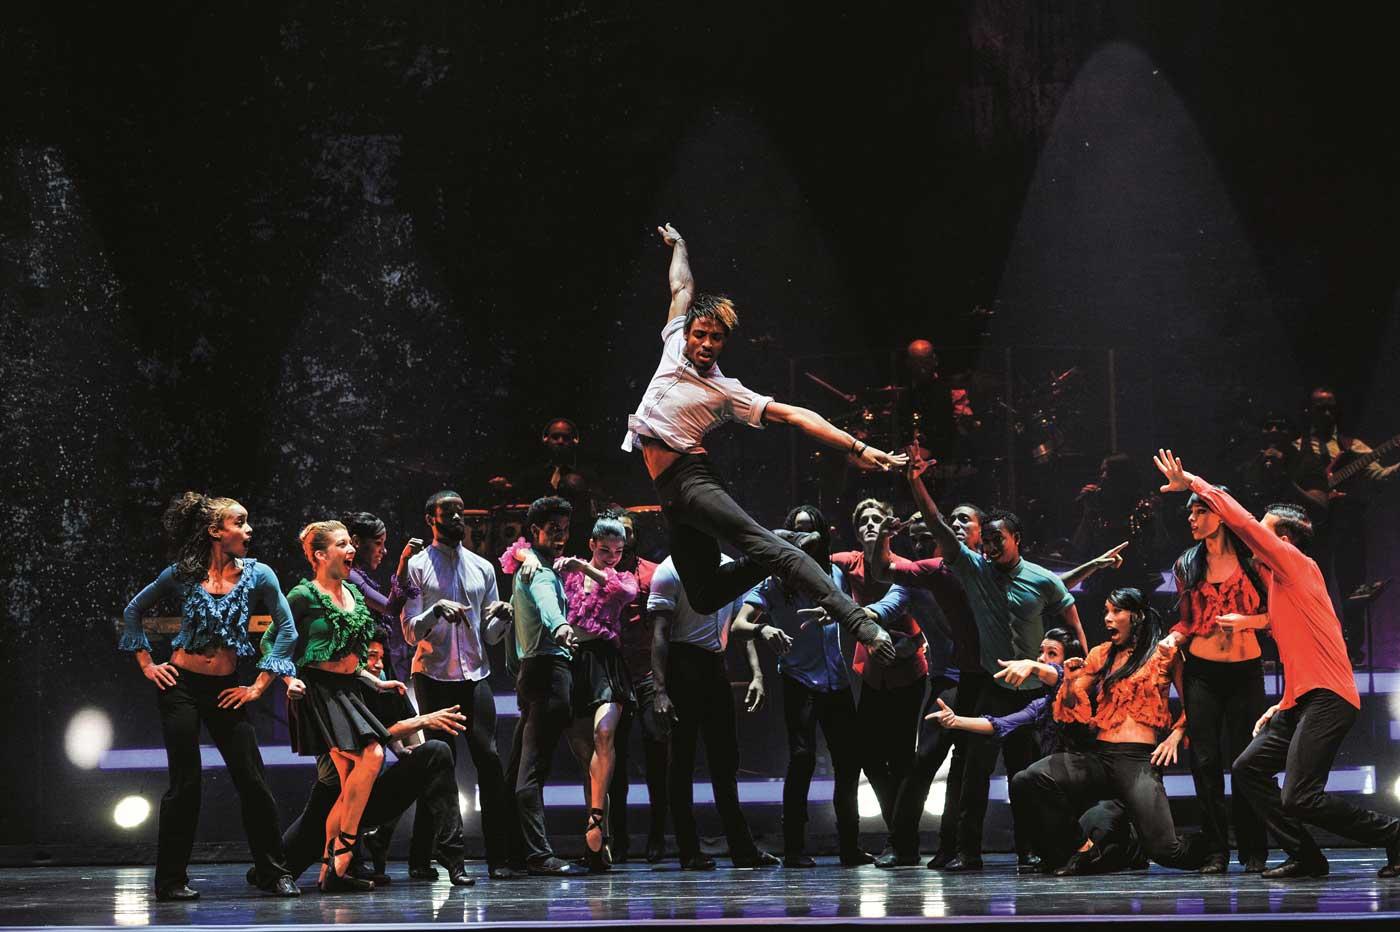 balletrevolucion_00079_LAjpeg